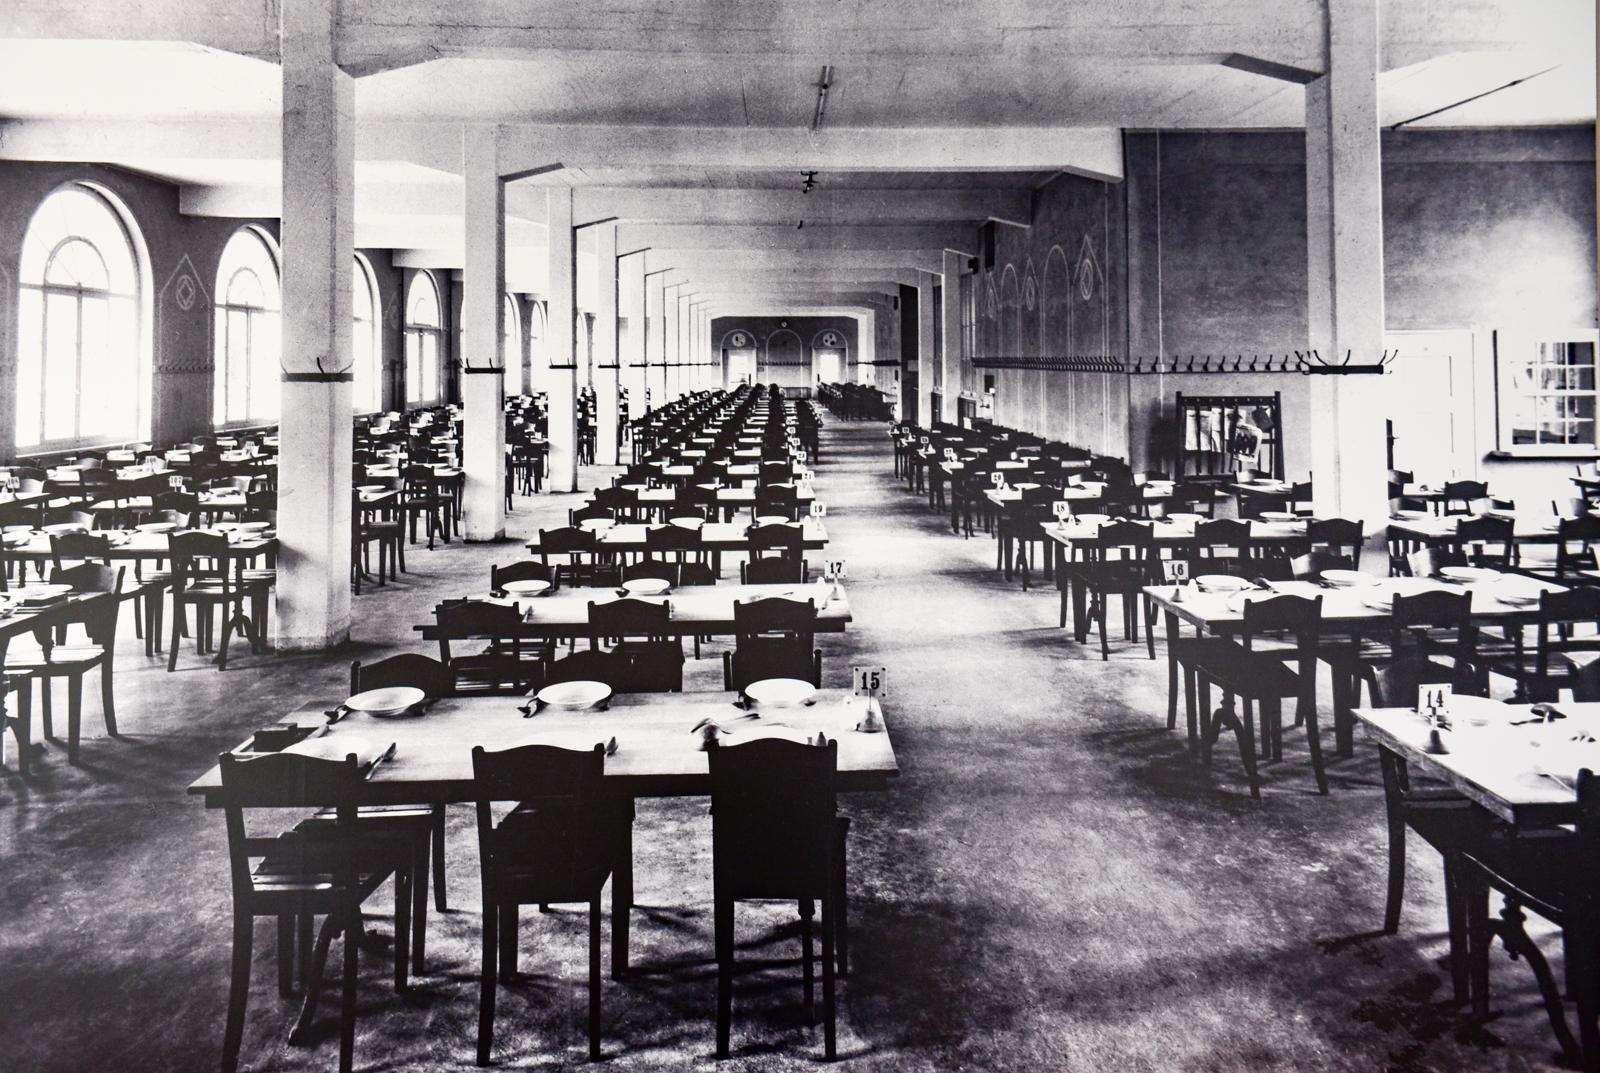 Der grosse Saal des Kosthaus kurz nach der Fertigstellung 1919. Damals wurde das Haus für die Verköstigung der Bally-Mitarbeiter genutzt.